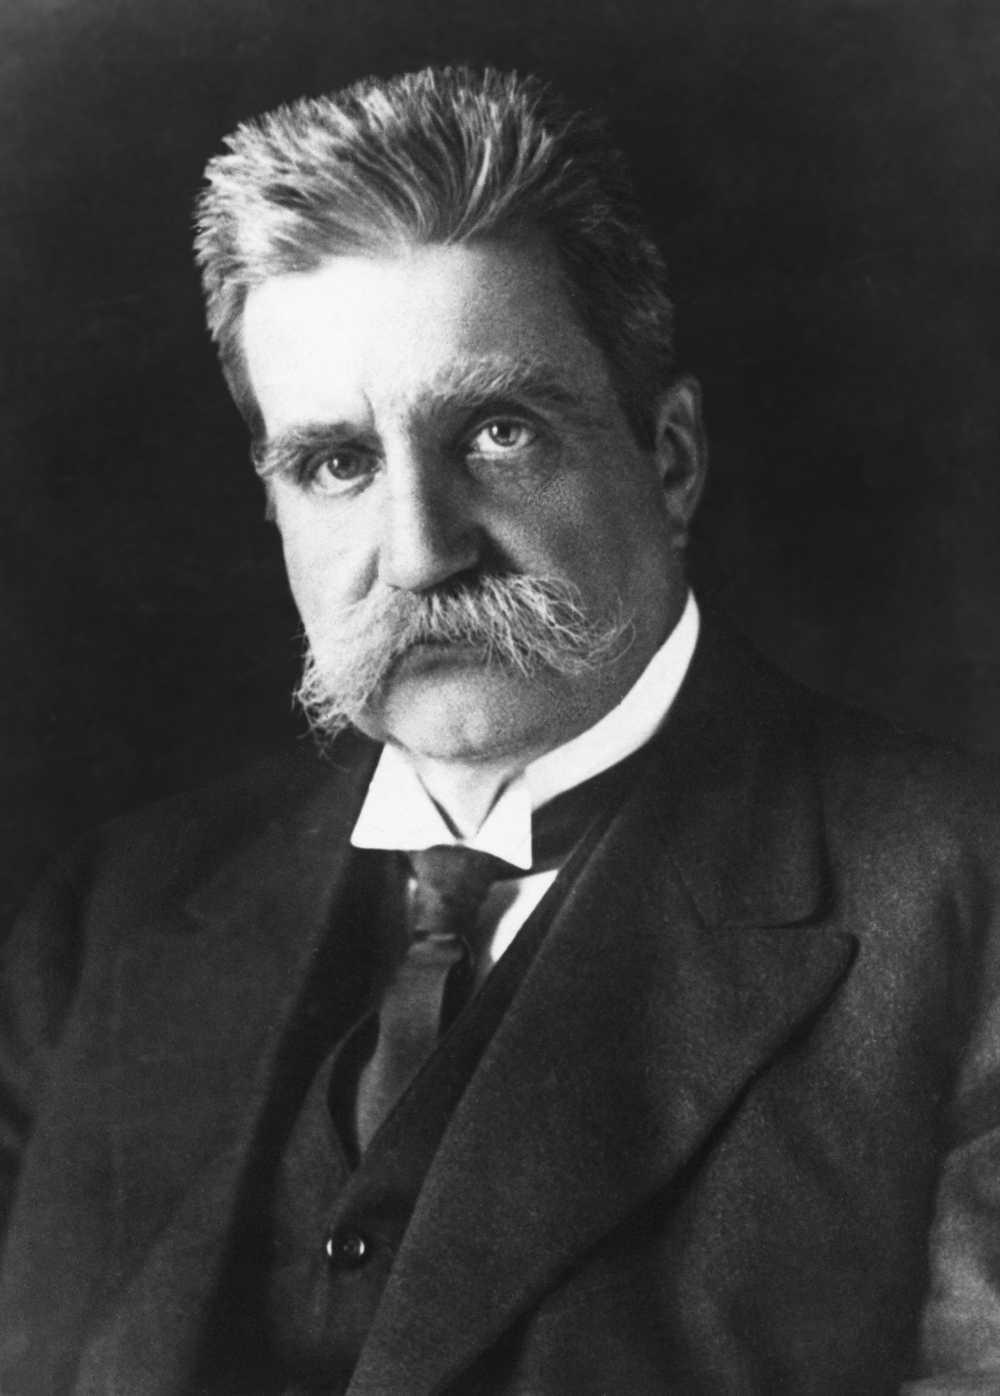 Hjalmar Branting delade Nobels fredspris 1921 med norrmannen Christian Lous Lange. De fick priset i egenskap av Sveriges delegat i Nationernas förbund respektive Generalsekreterare för Interparlamentariska unionen.